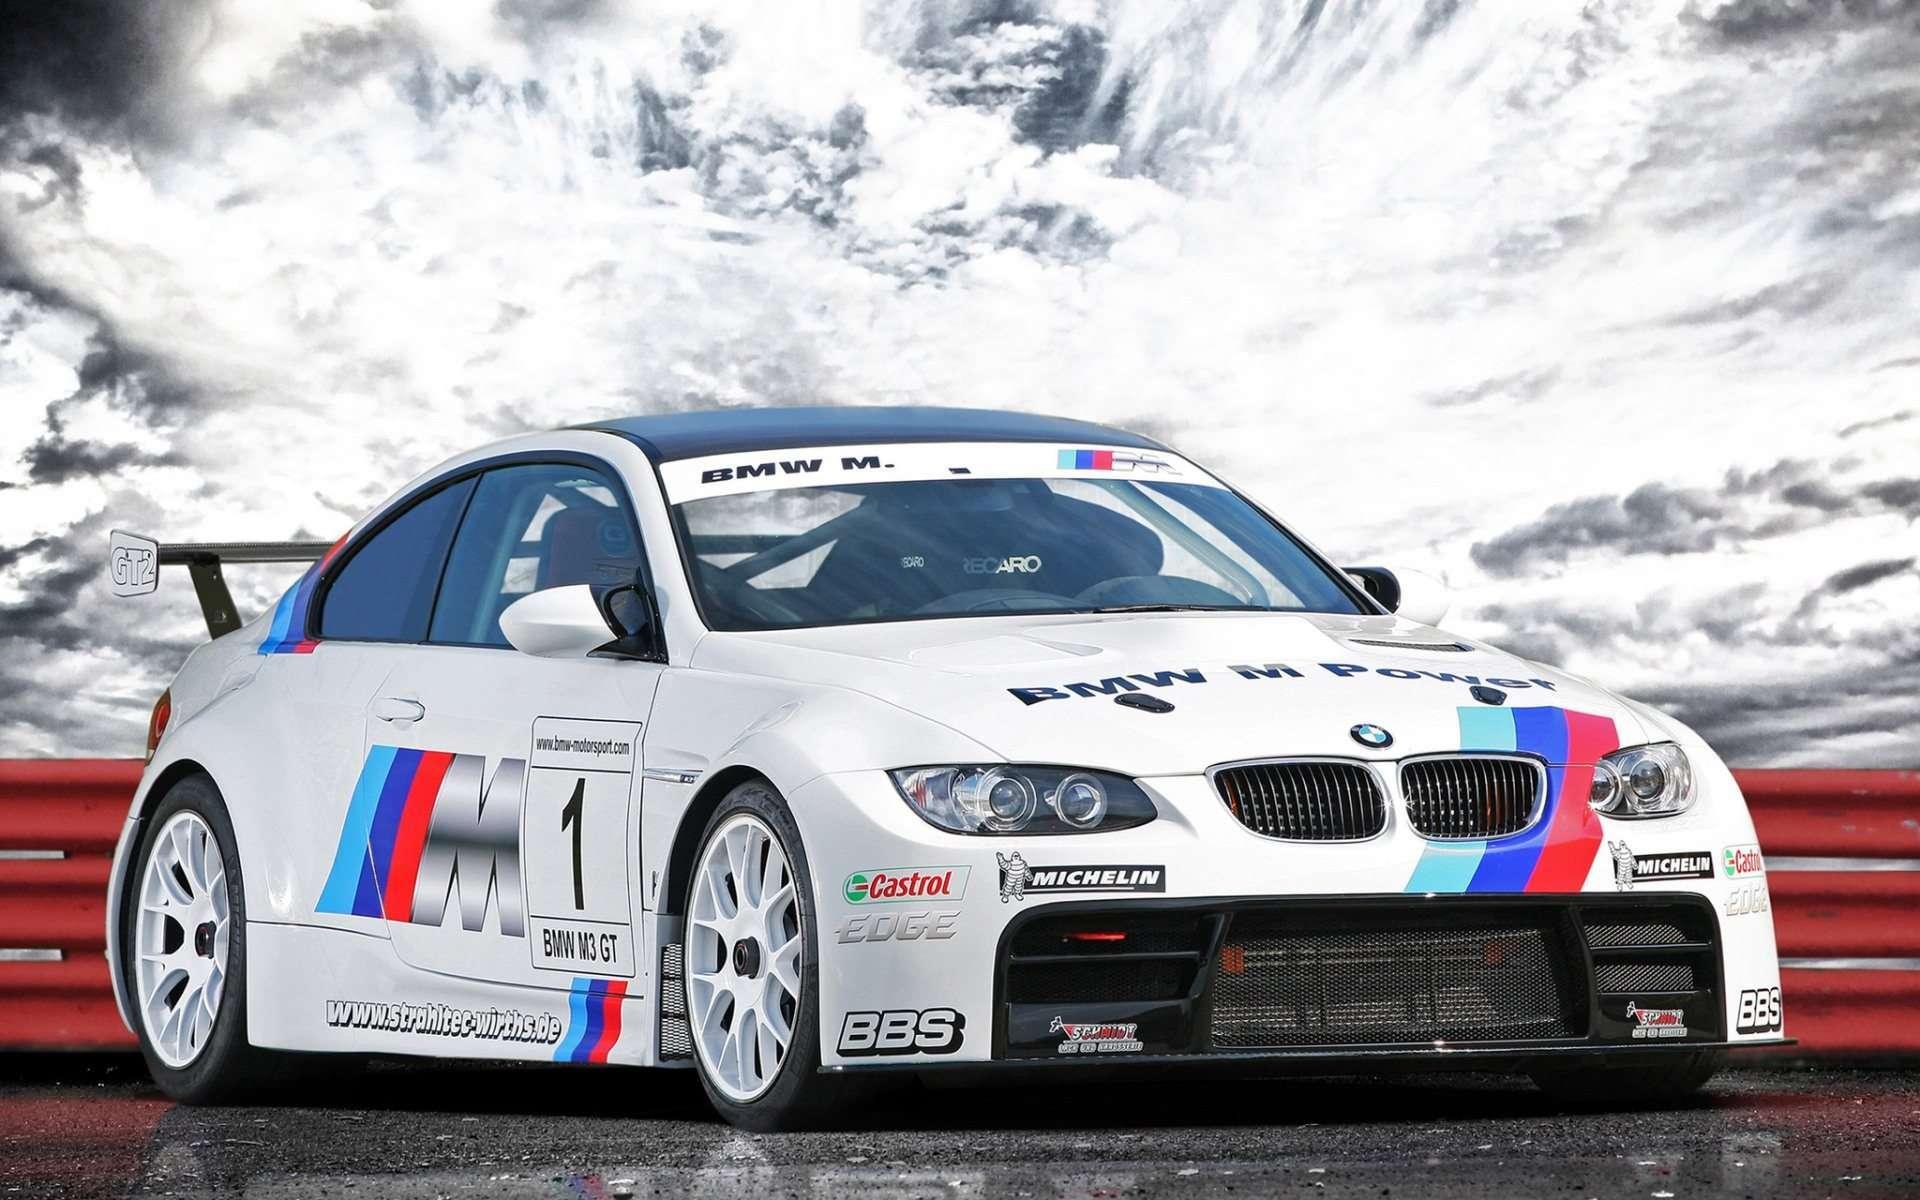 BMW Racing Cars Wallpapers - WallpaperSafari